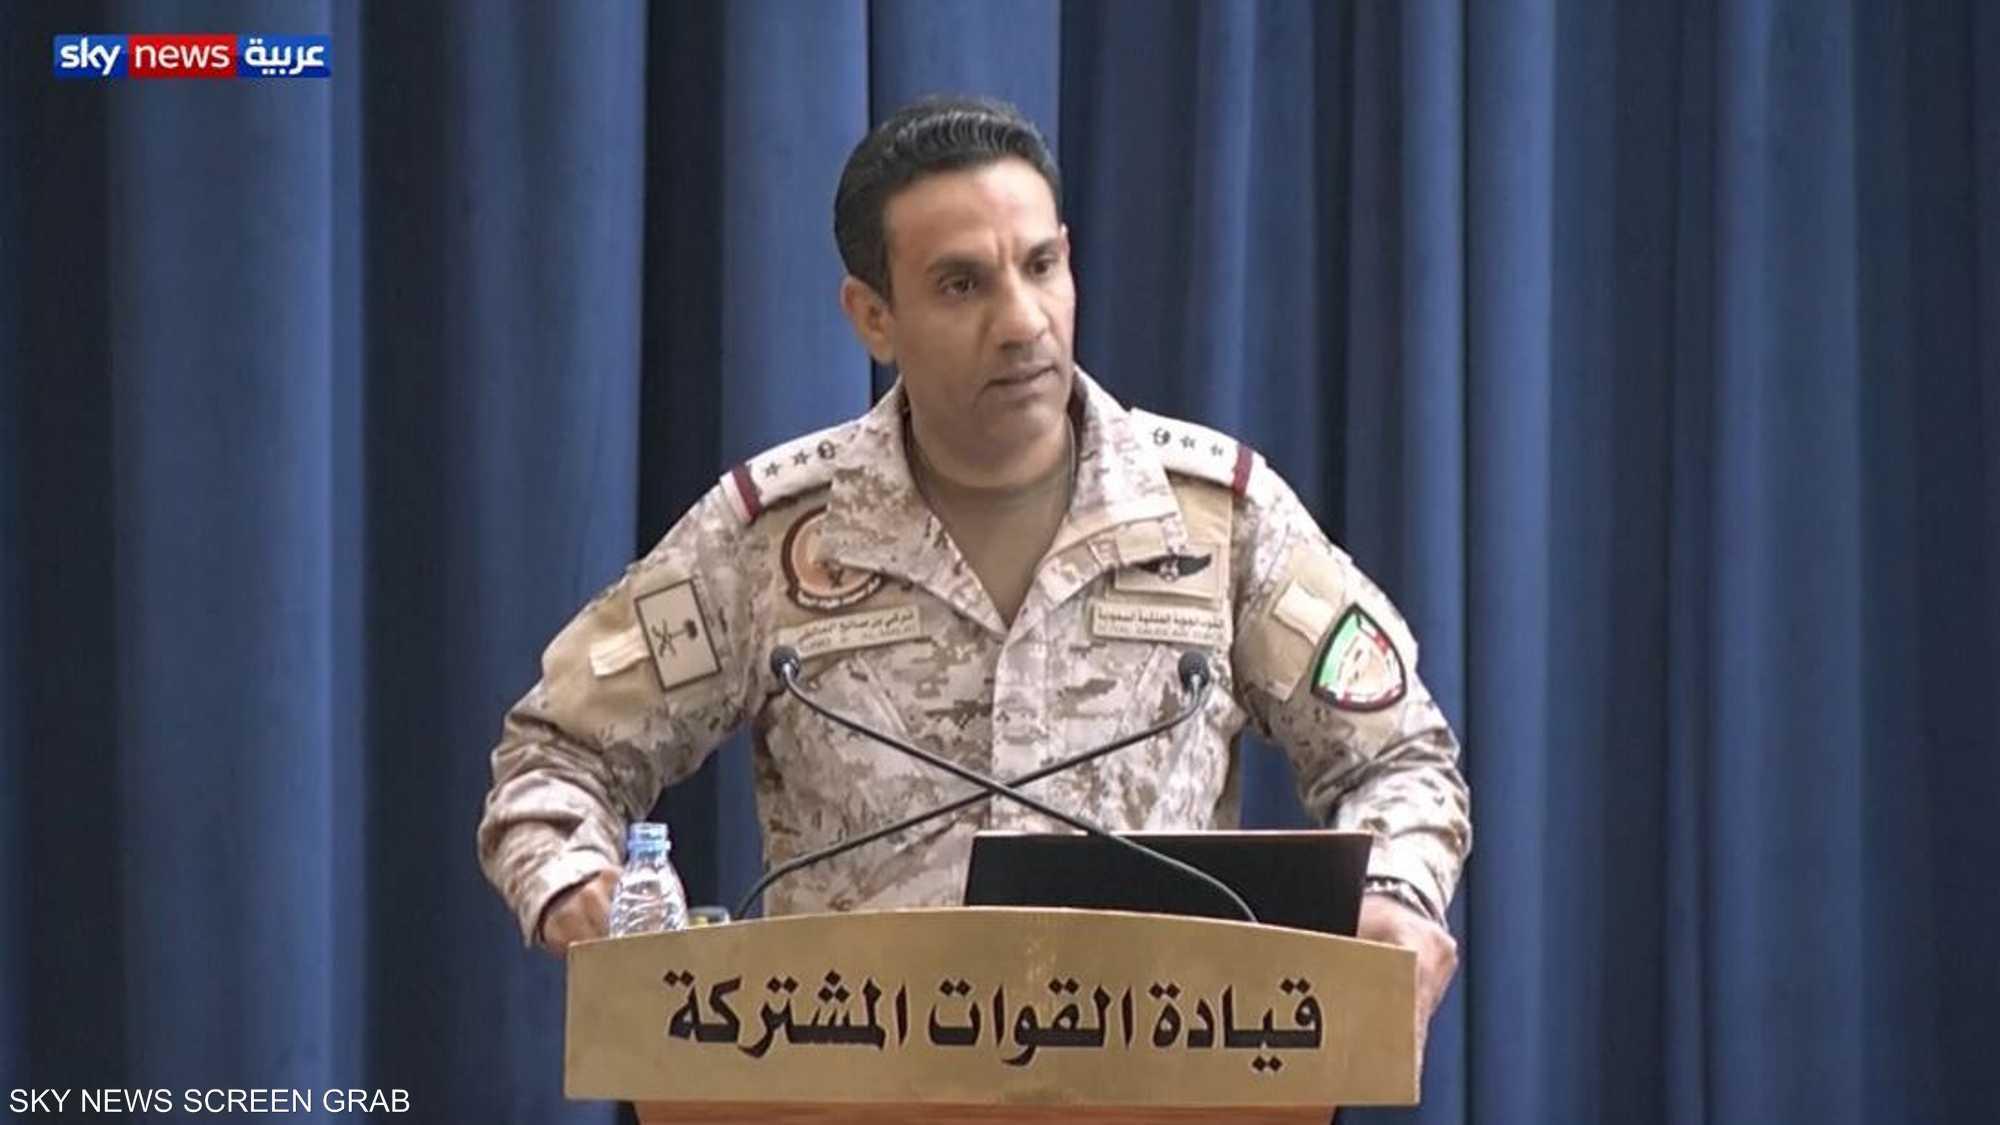 المالكي: الأسلحة المستخدمة بهجوم أرامكو إيرانية الصنع